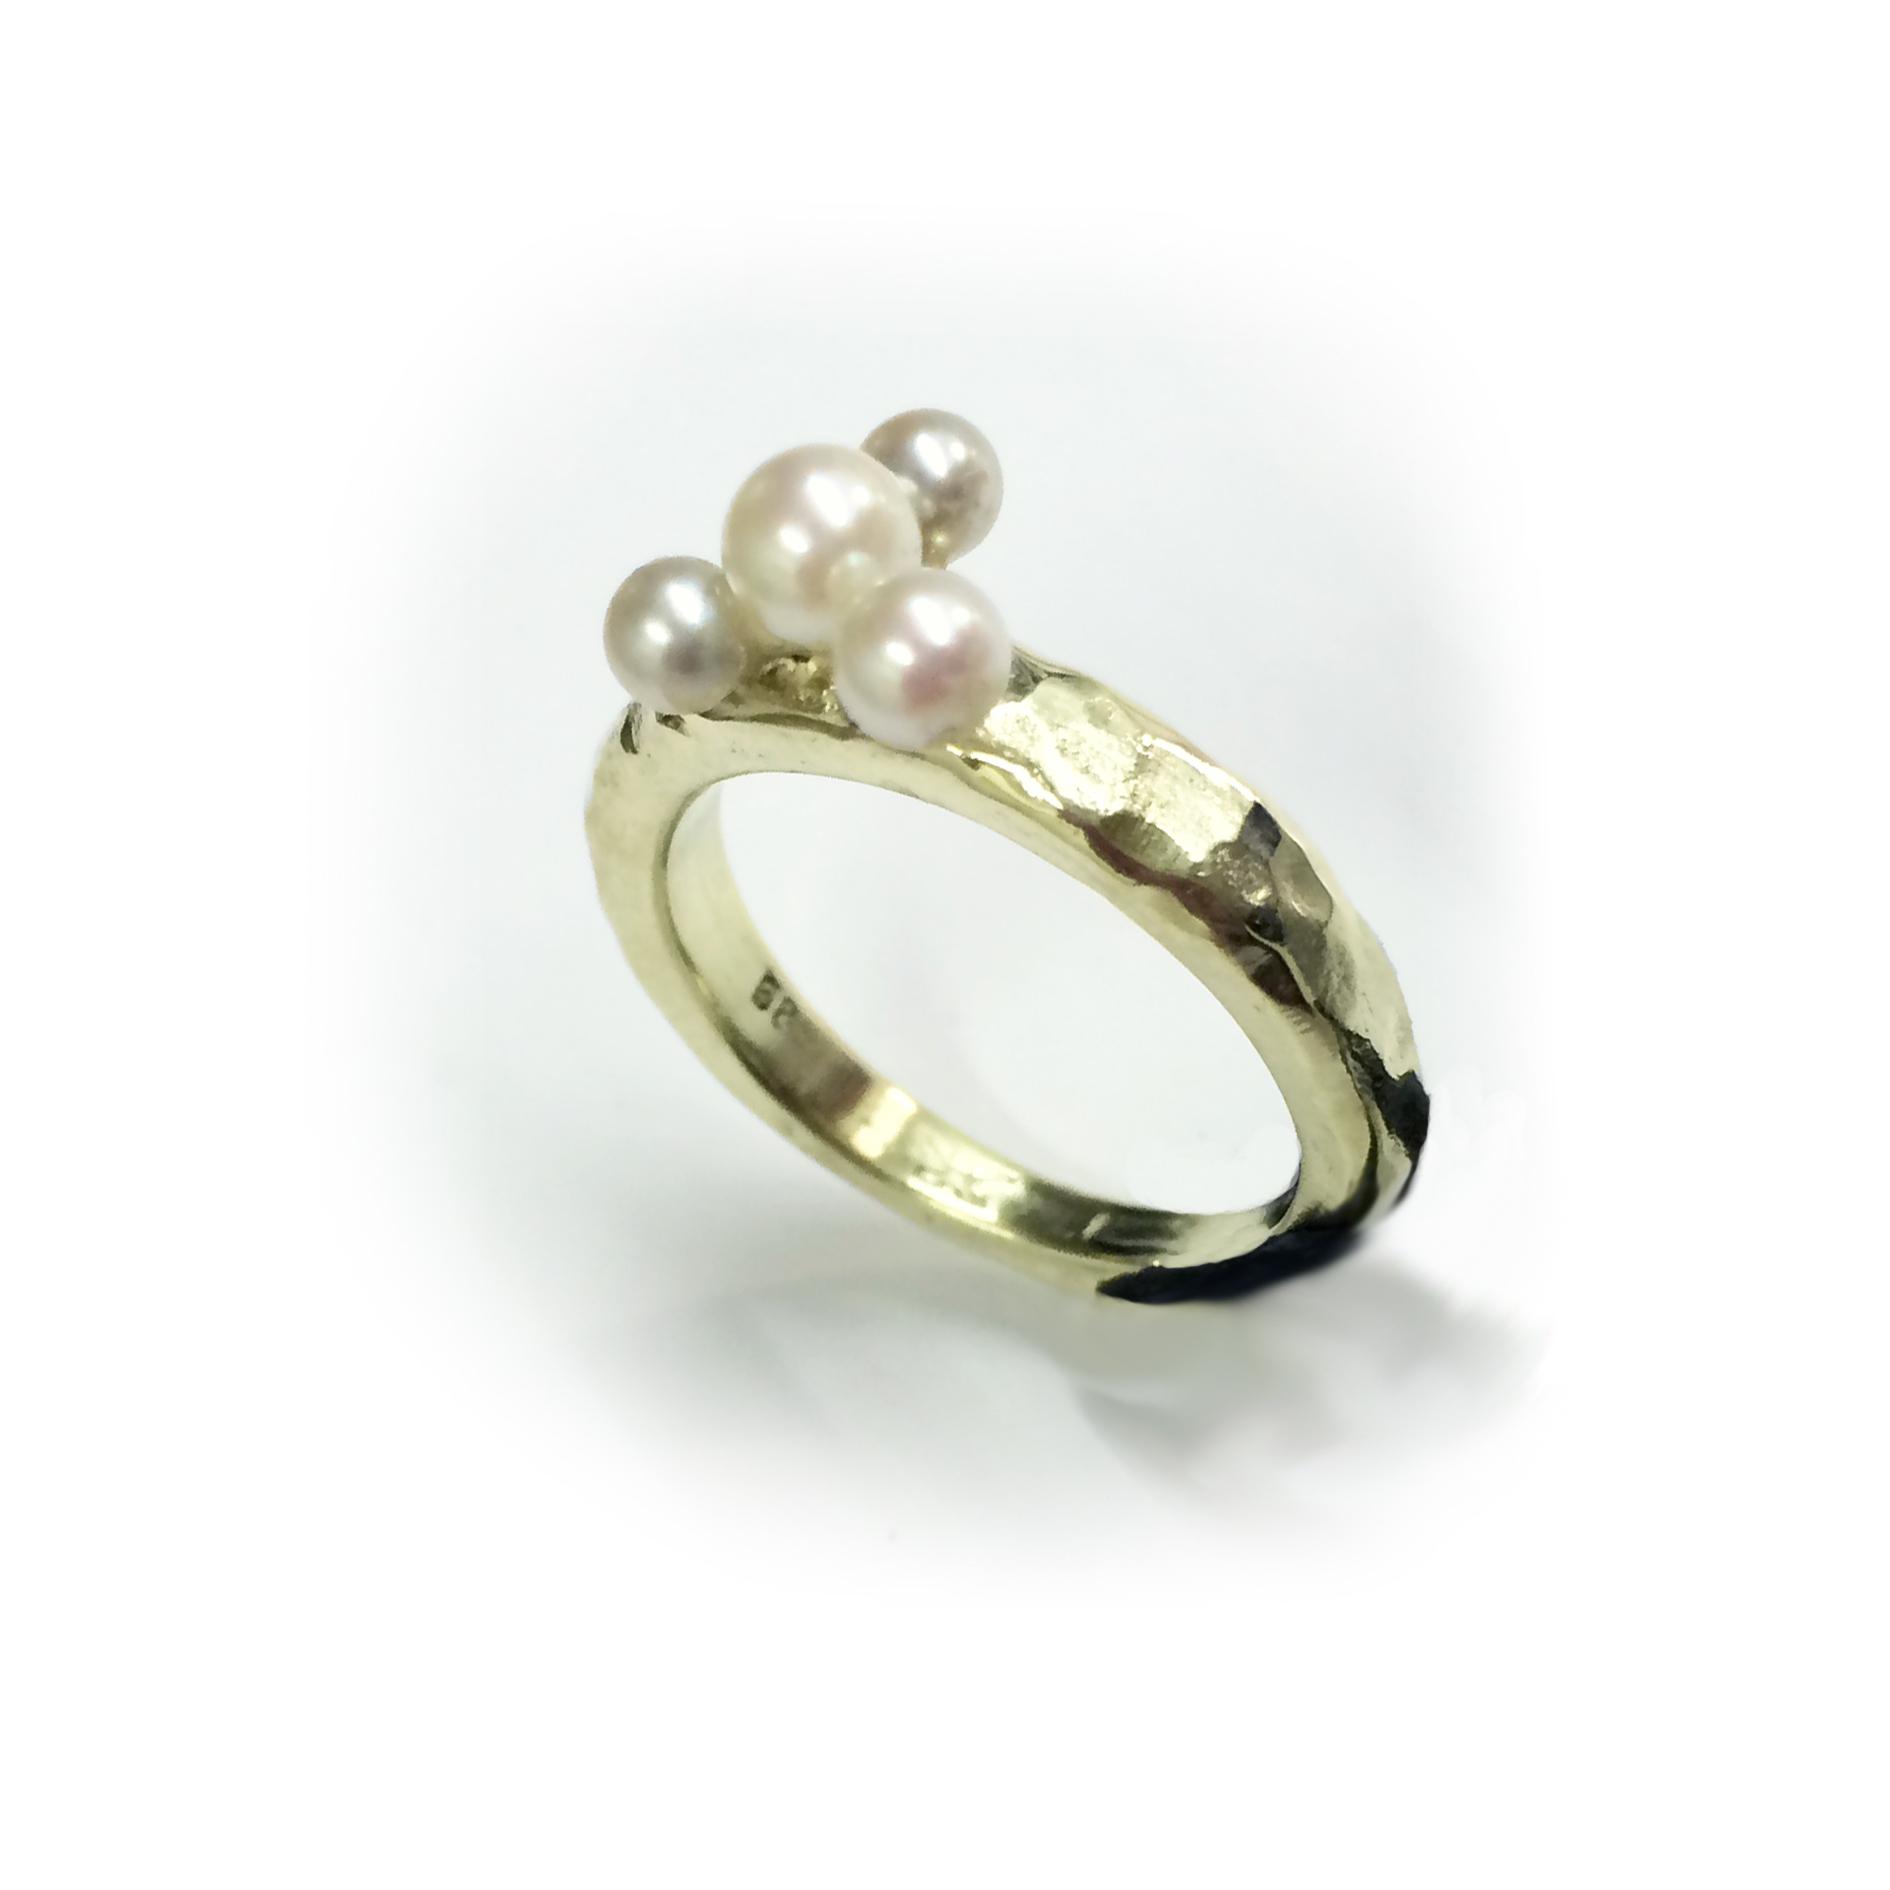 Der fertige Ring mit Perlen